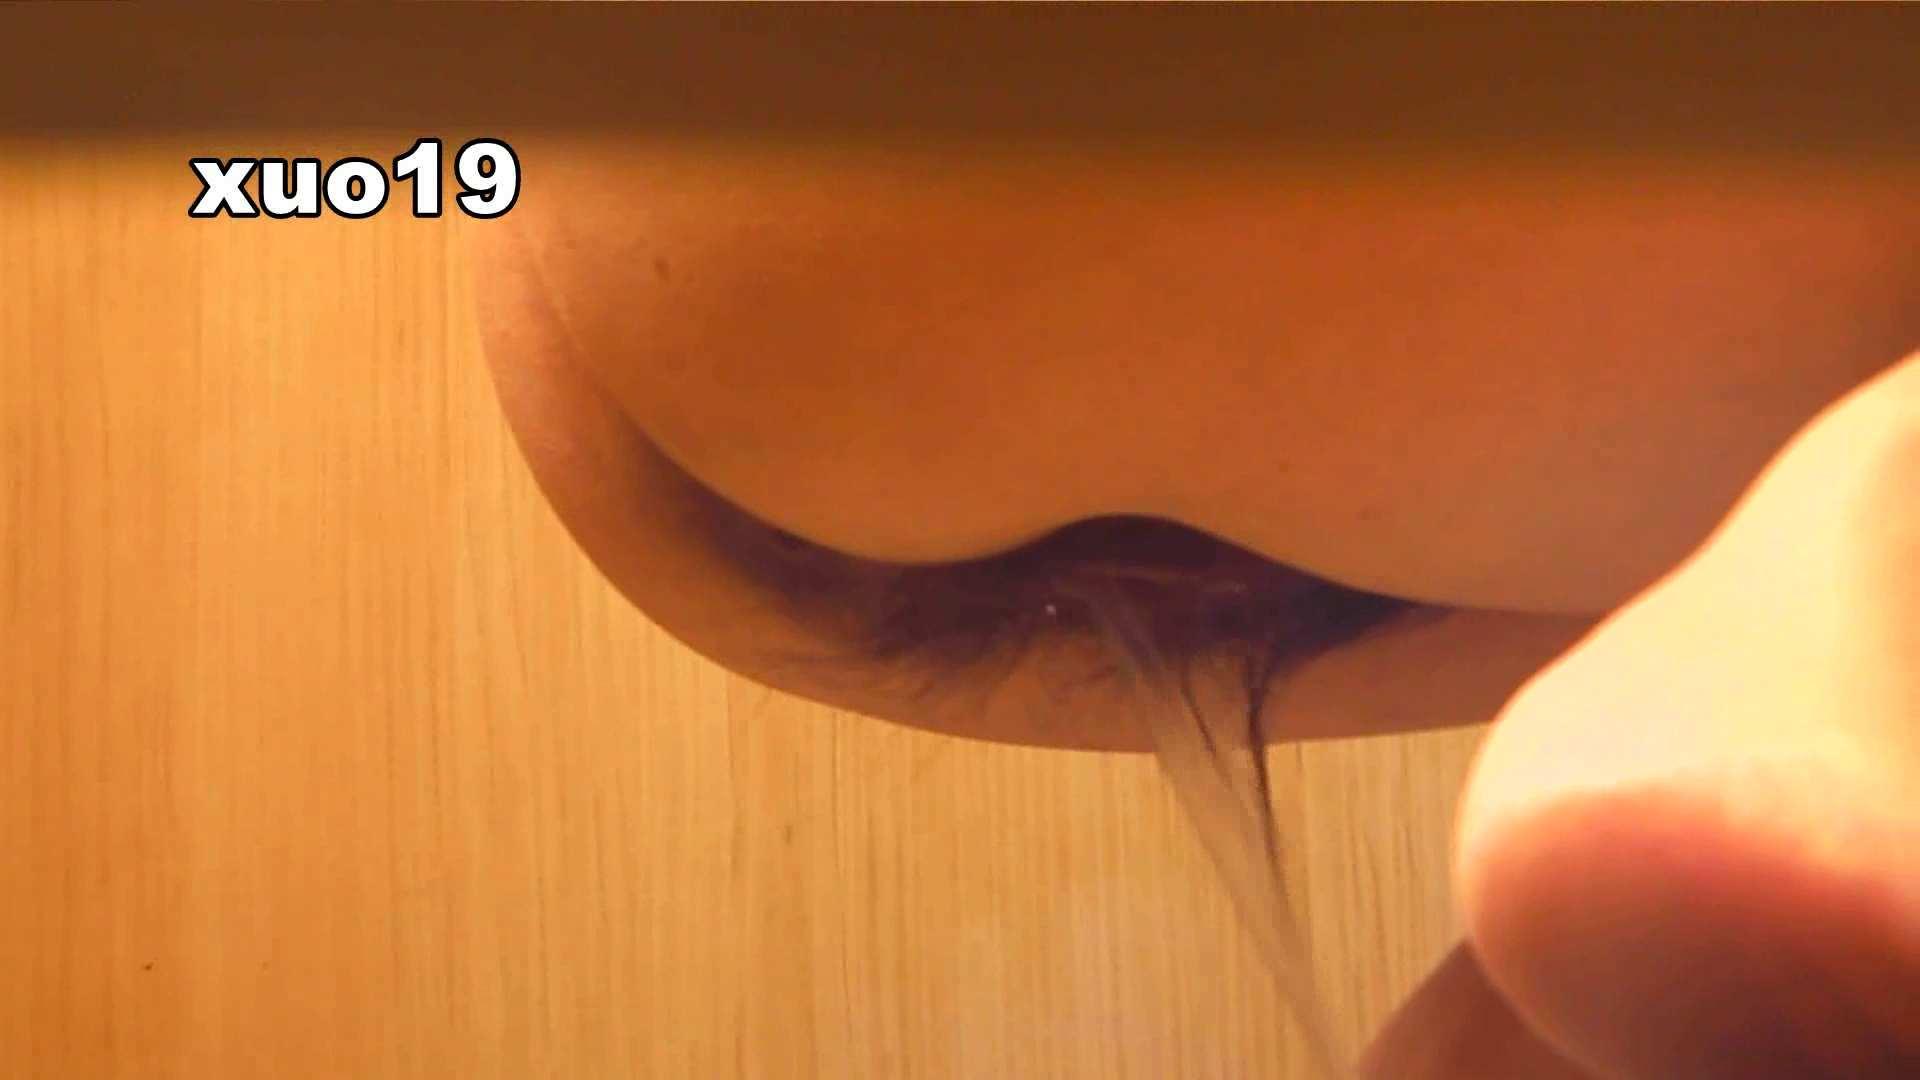 阿国ちゃんの「和式洋式七変化」No.19 キラキラ系 エッチなお姉さん AV動画キャプチャ 94画像 51